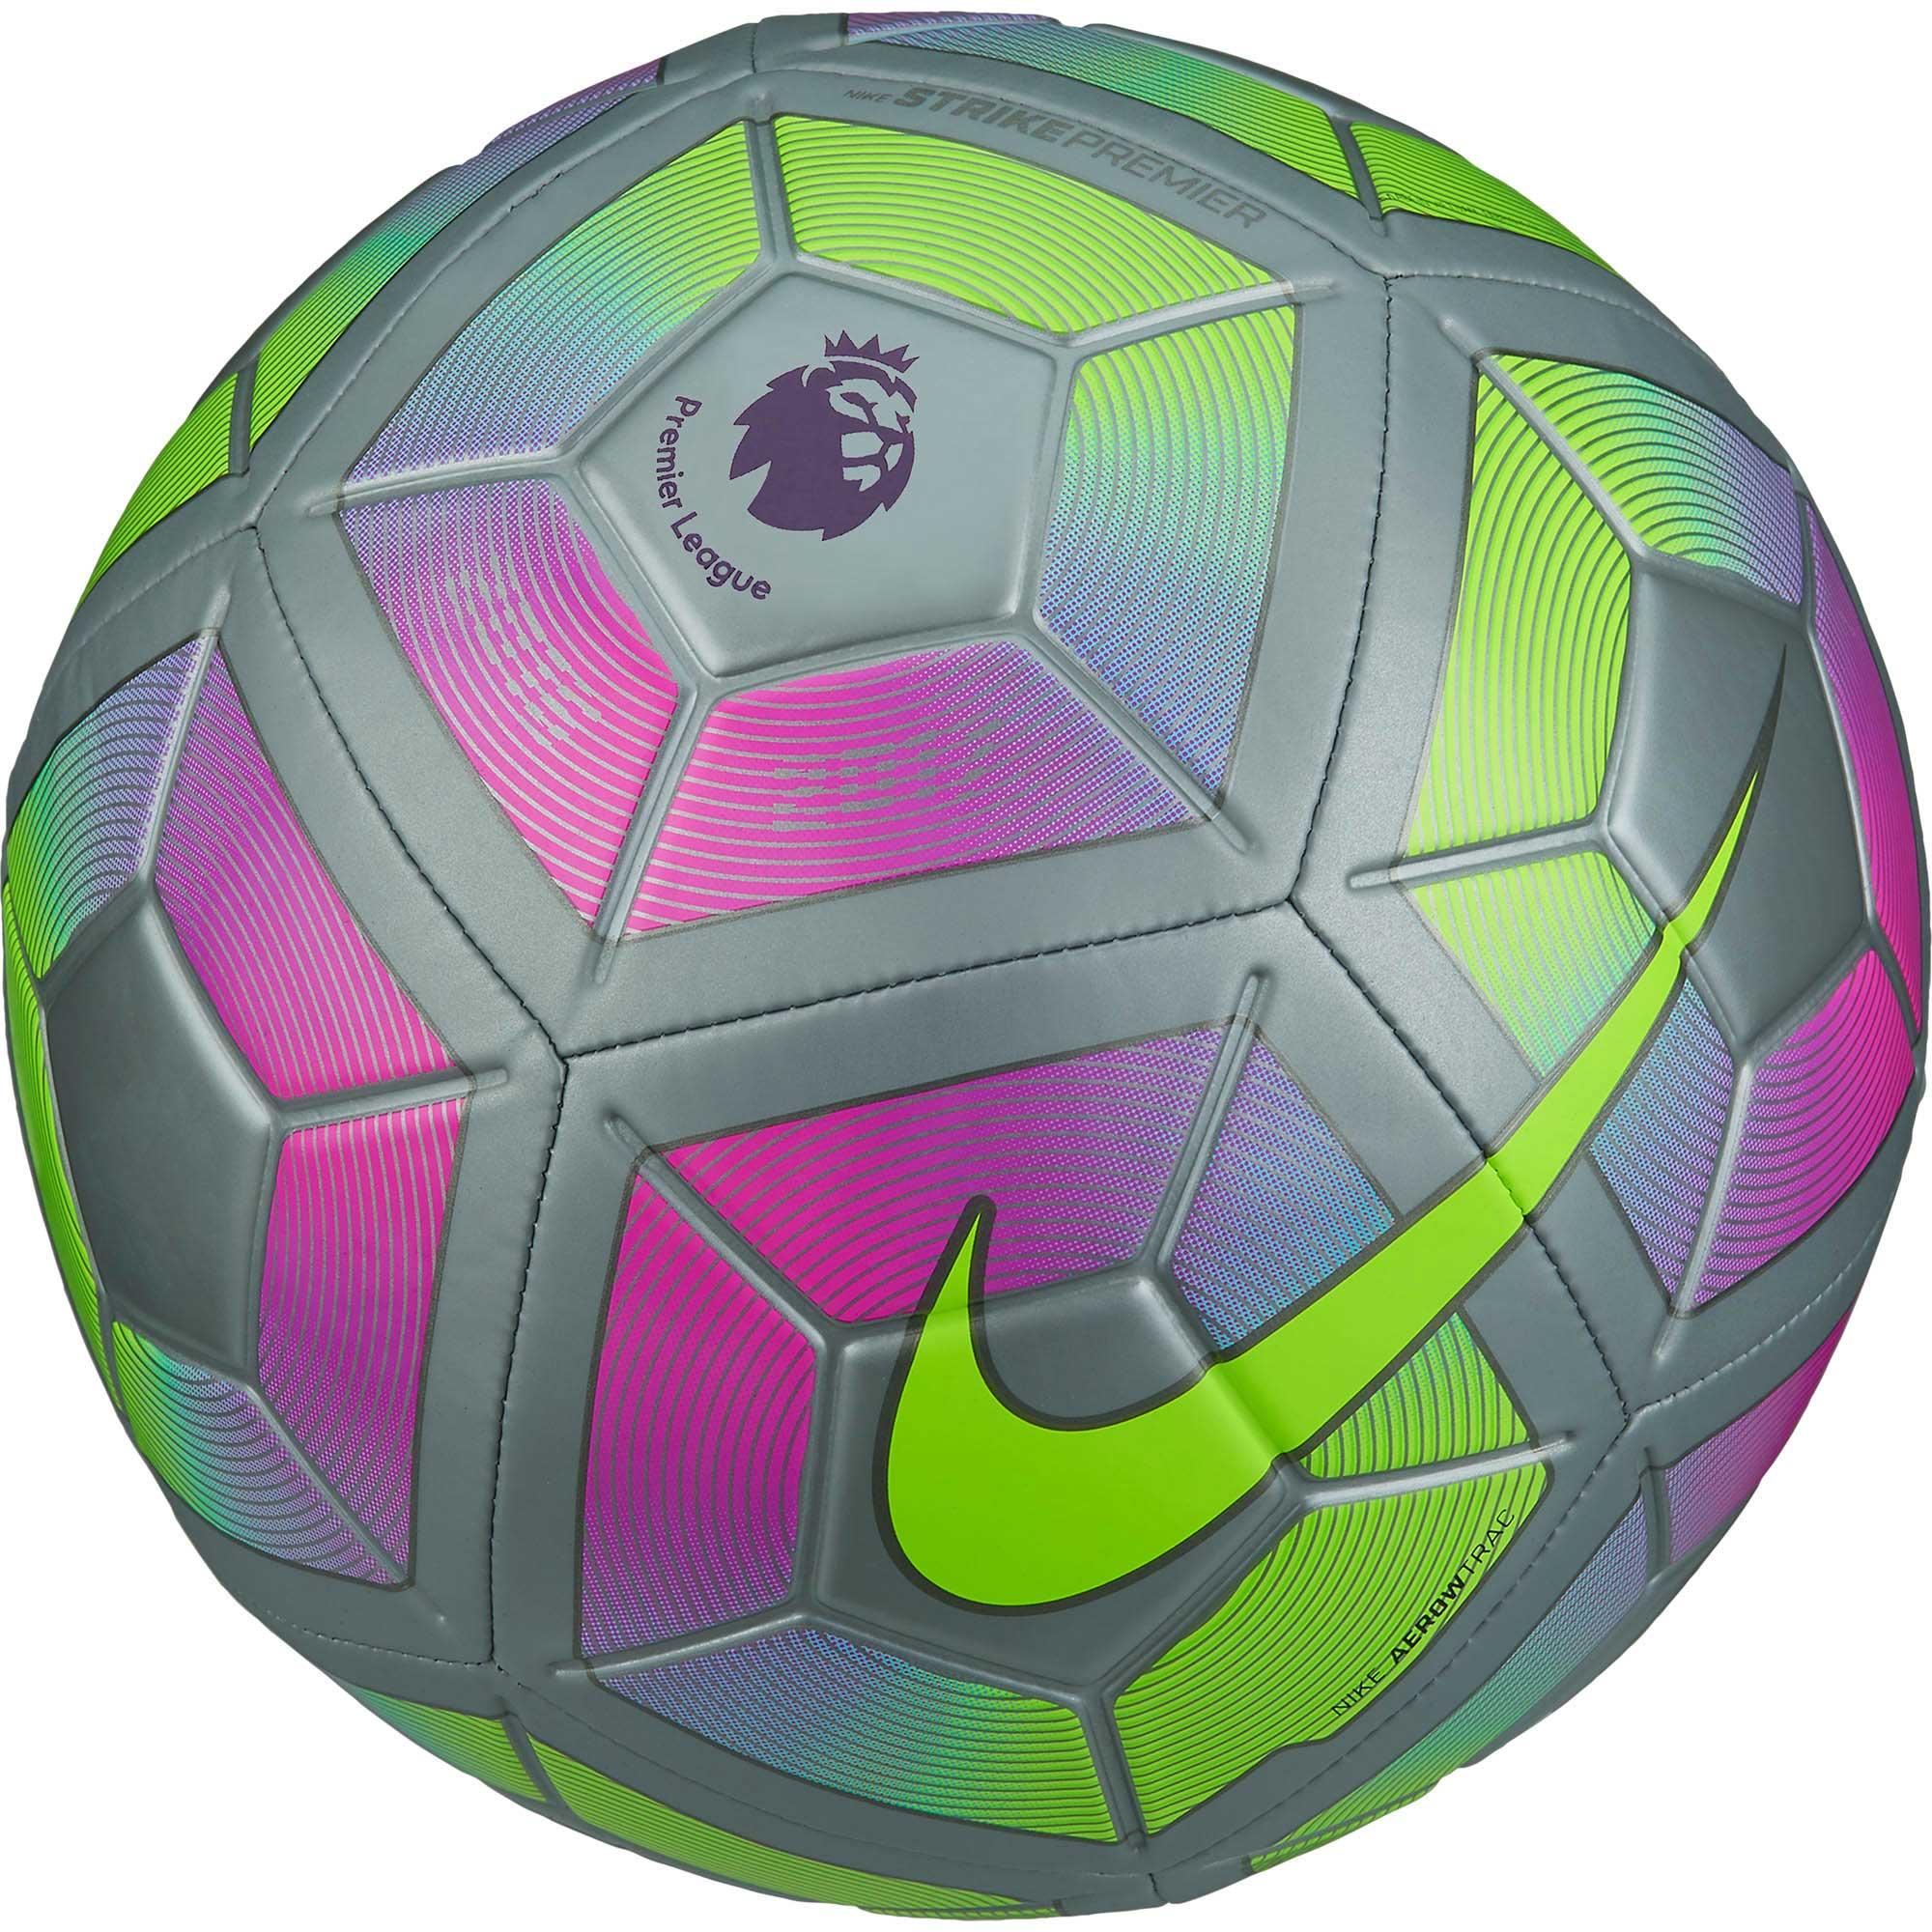 Nike Strike Premium Soccer Ball - Nike EPL Soccer Balls